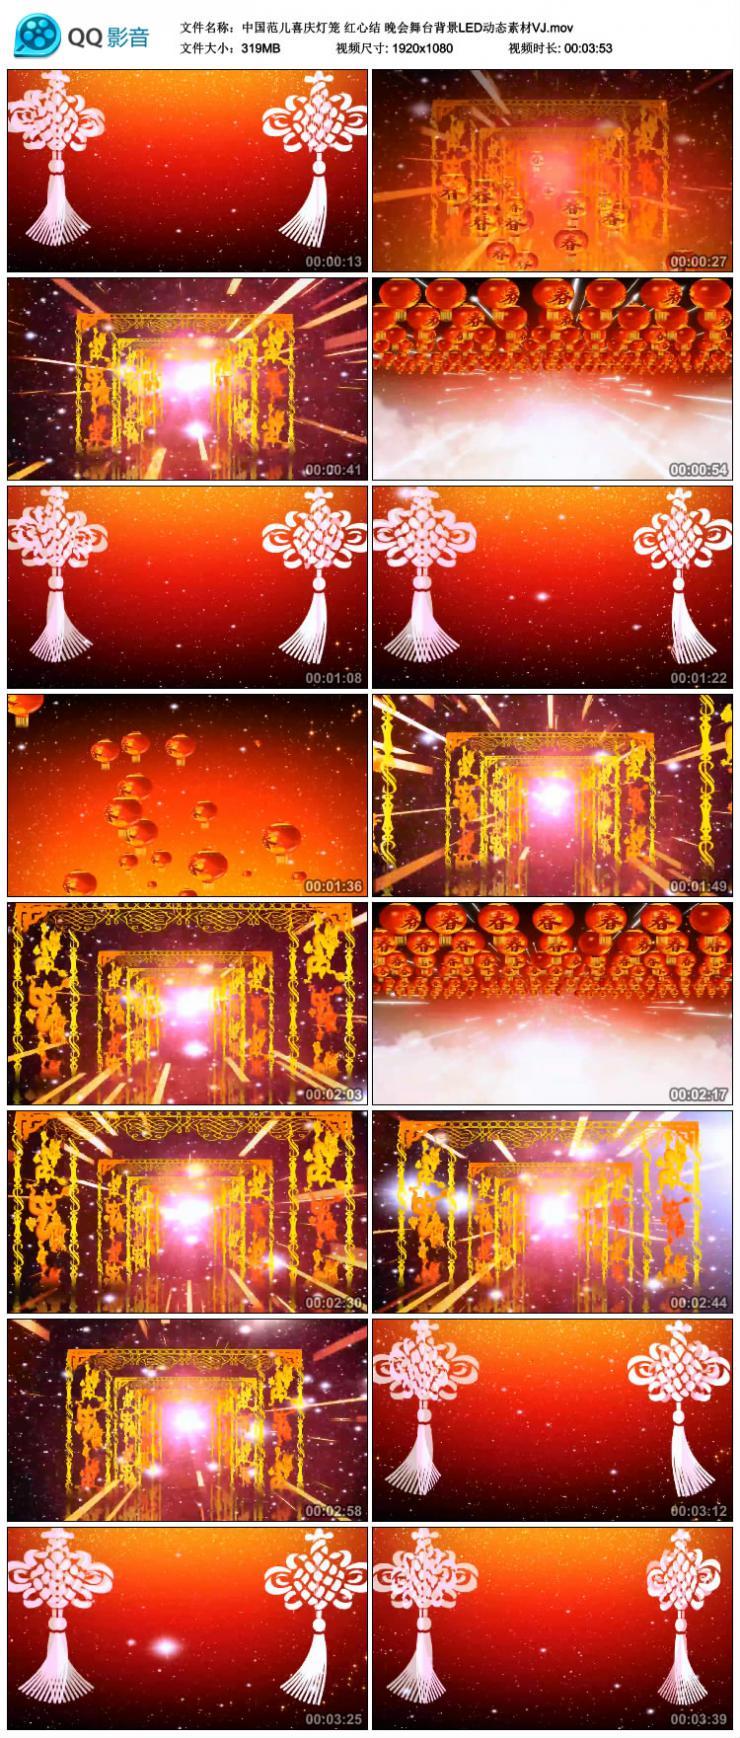 中国范儿喜庆灯笼 红心结 晚会舞台背景LED动态素材VJ